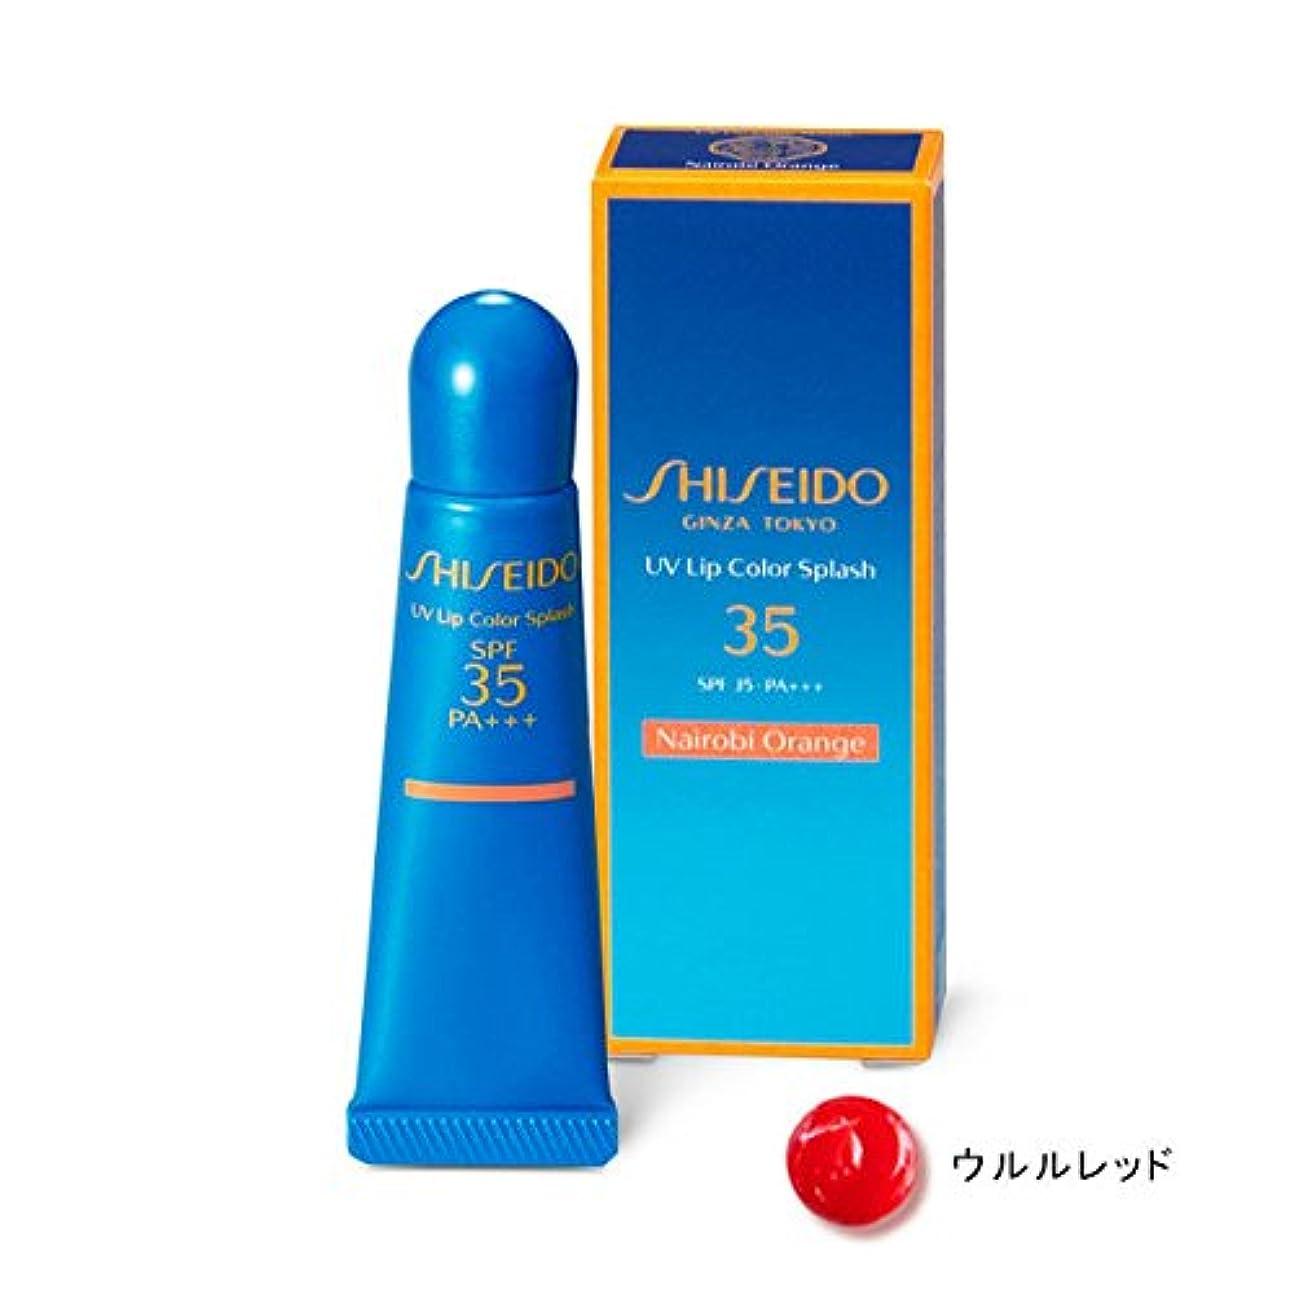 リスキーなガソリン哲学博士SHISEIDO Suncare(資生堂 サンケア) SHISEIDO(資生堂) UVリップカラースプラッシュ (ウルルレッド)